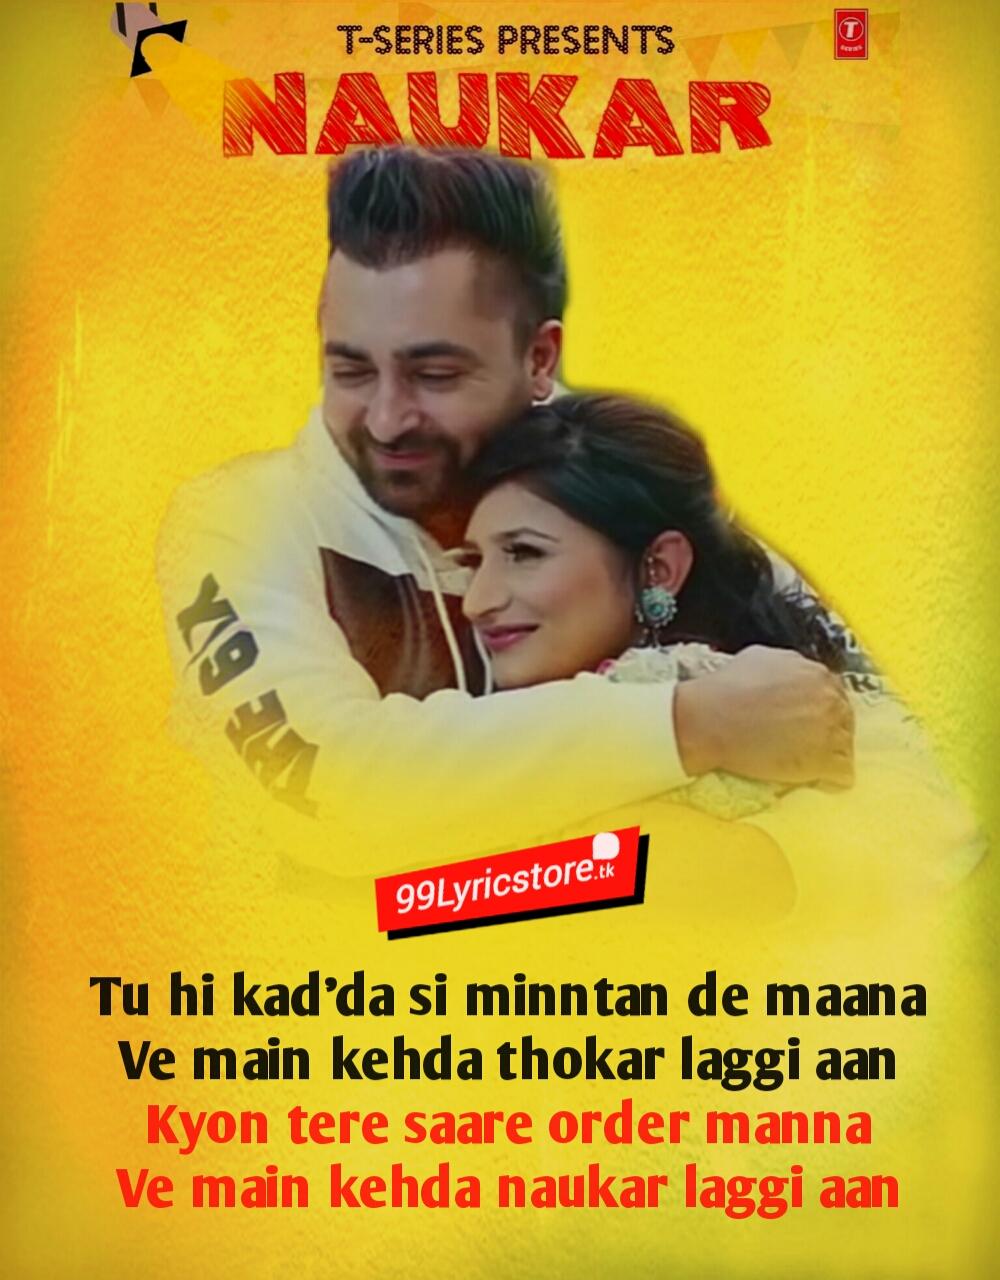 Sharry Maan song naukar Lyrics , Latest Punjabi Song Naukar Lyrics Sharry Maan